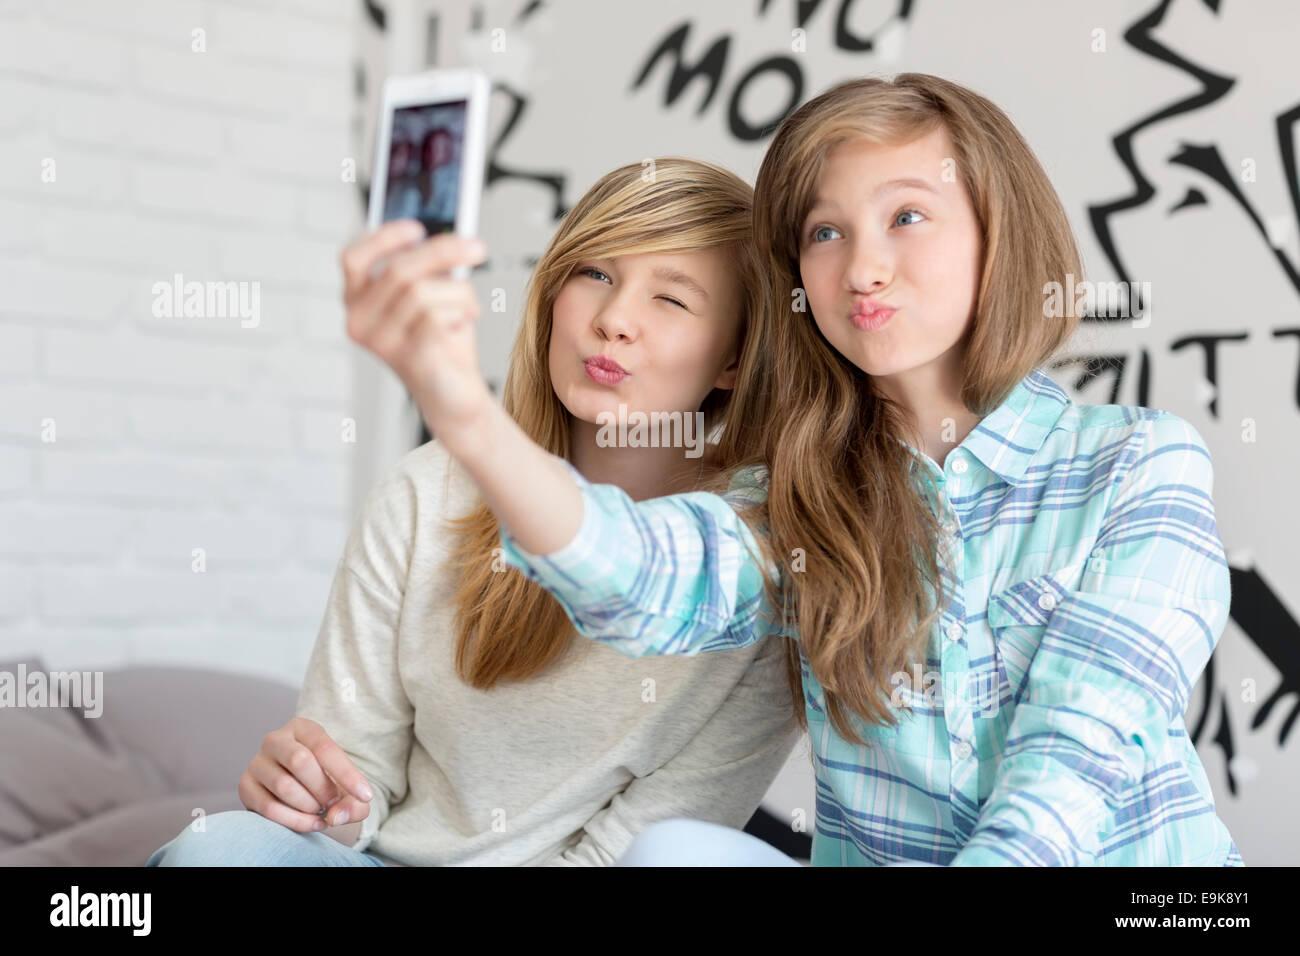 Nette Schwestern schmollend beim Fotografieren mit Ihrem Smartphone zu Hause Stockbild